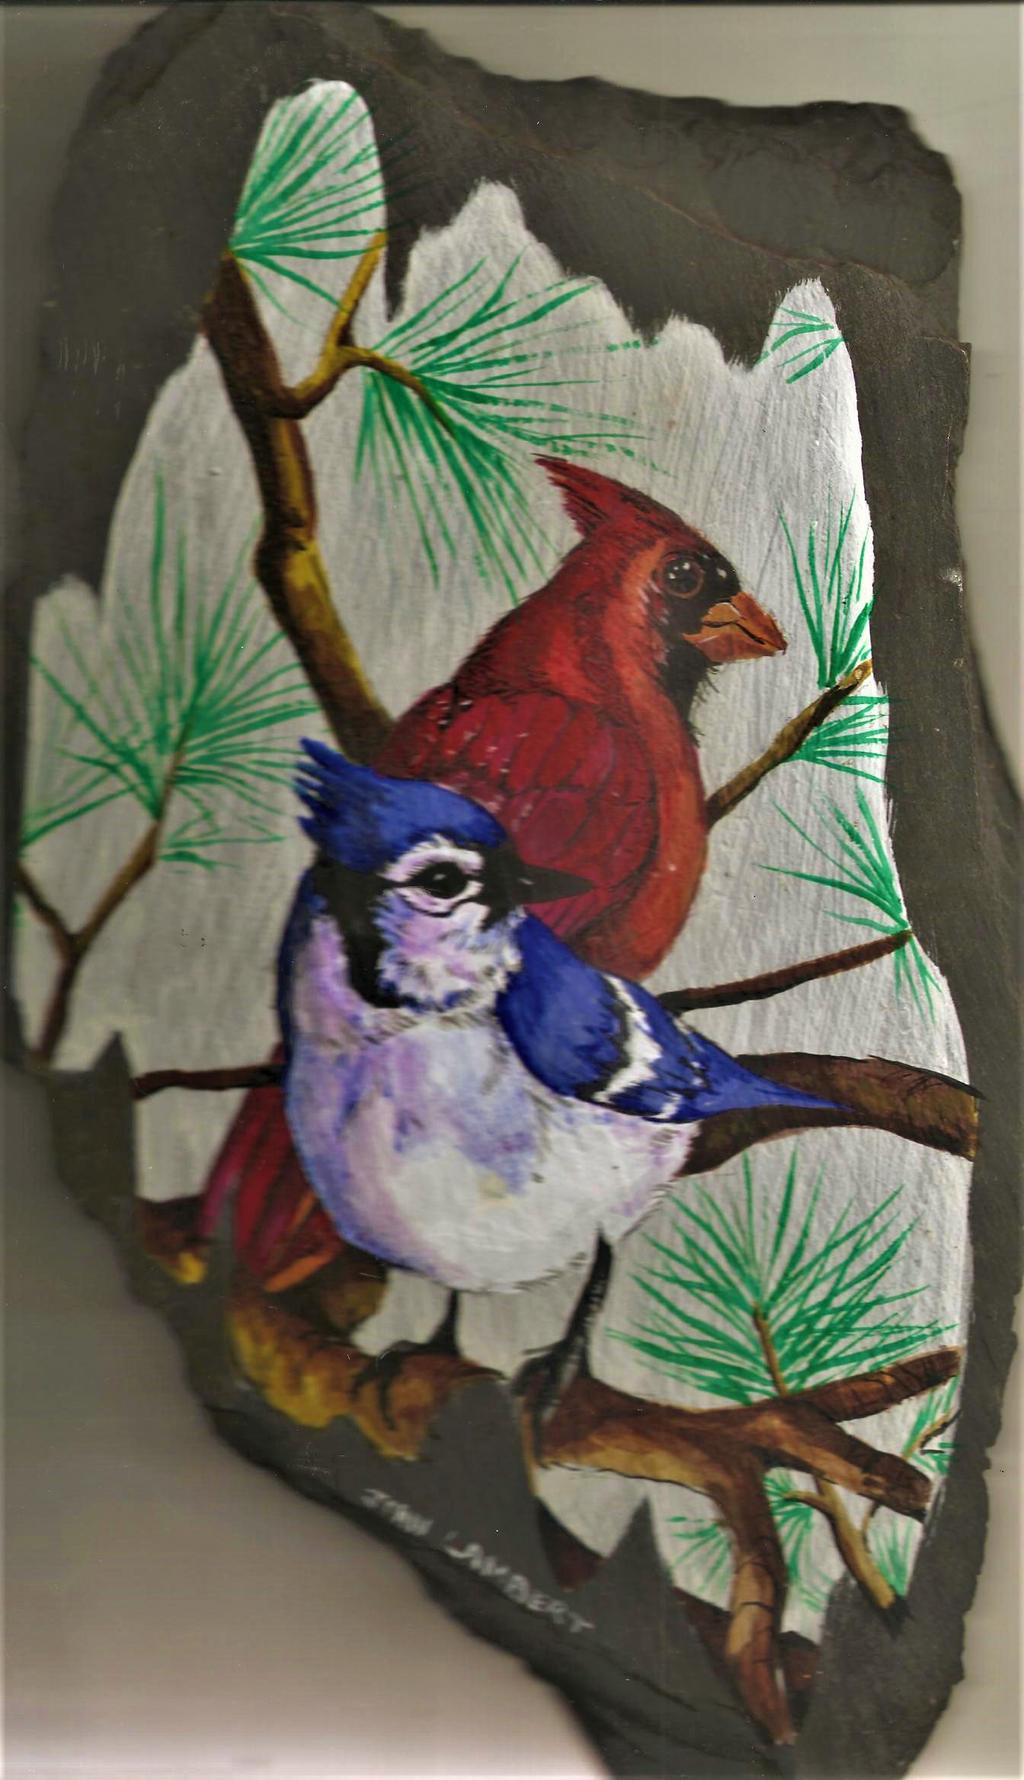 Birds on Slate by Batman4art